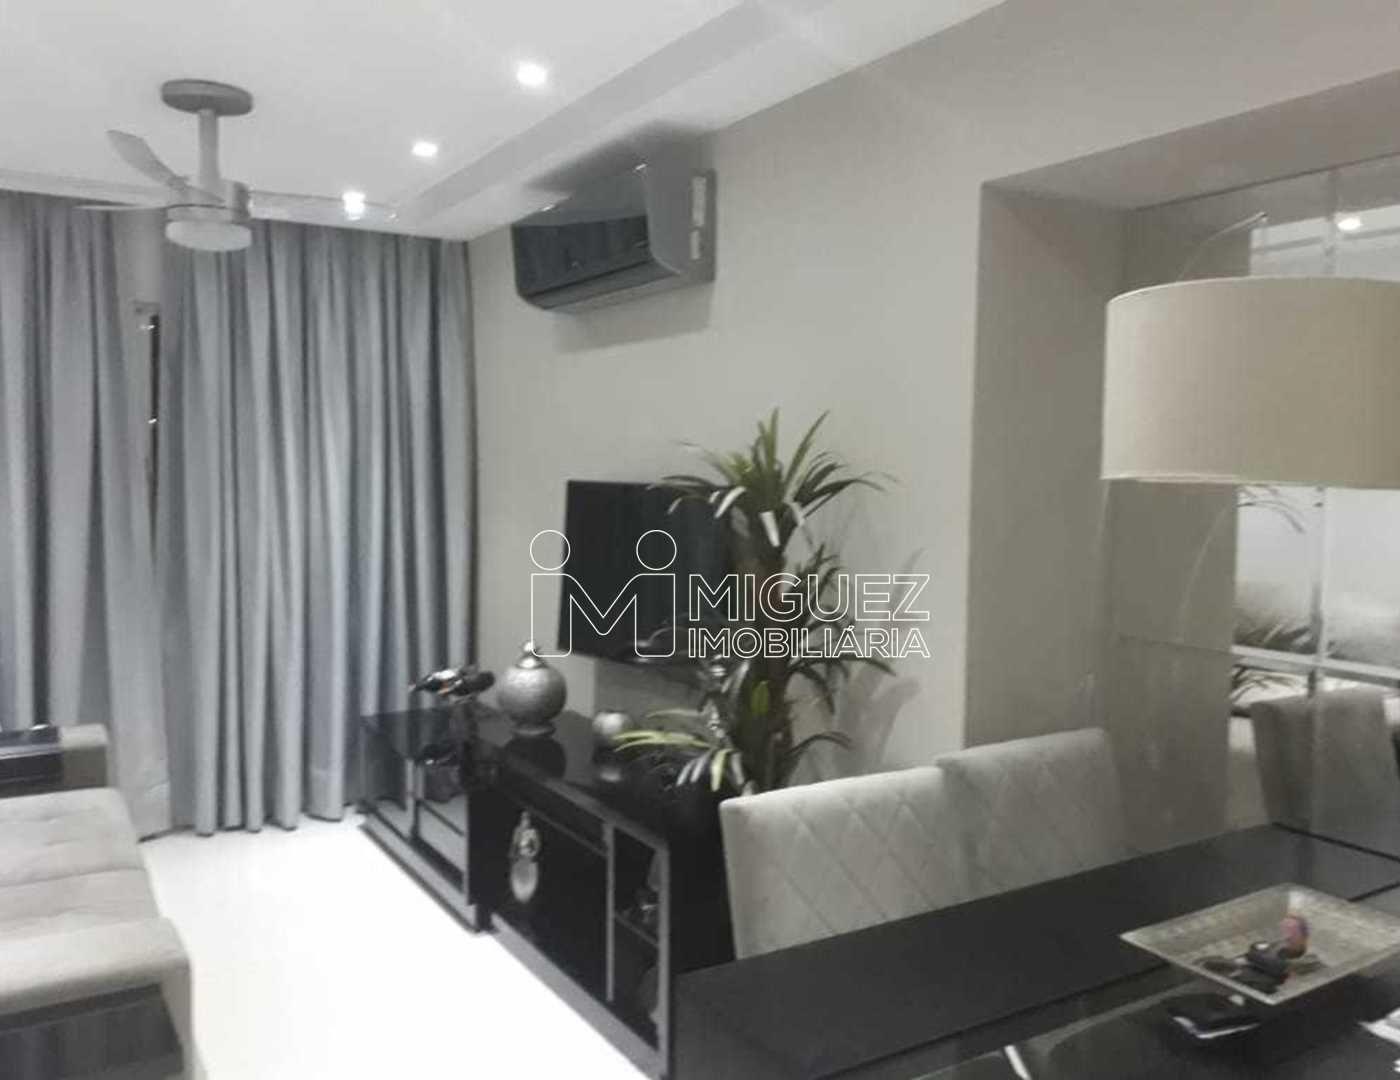 Apartamento, venda, Rua Pereira Nunes - Tijuca , Rio de janeiro